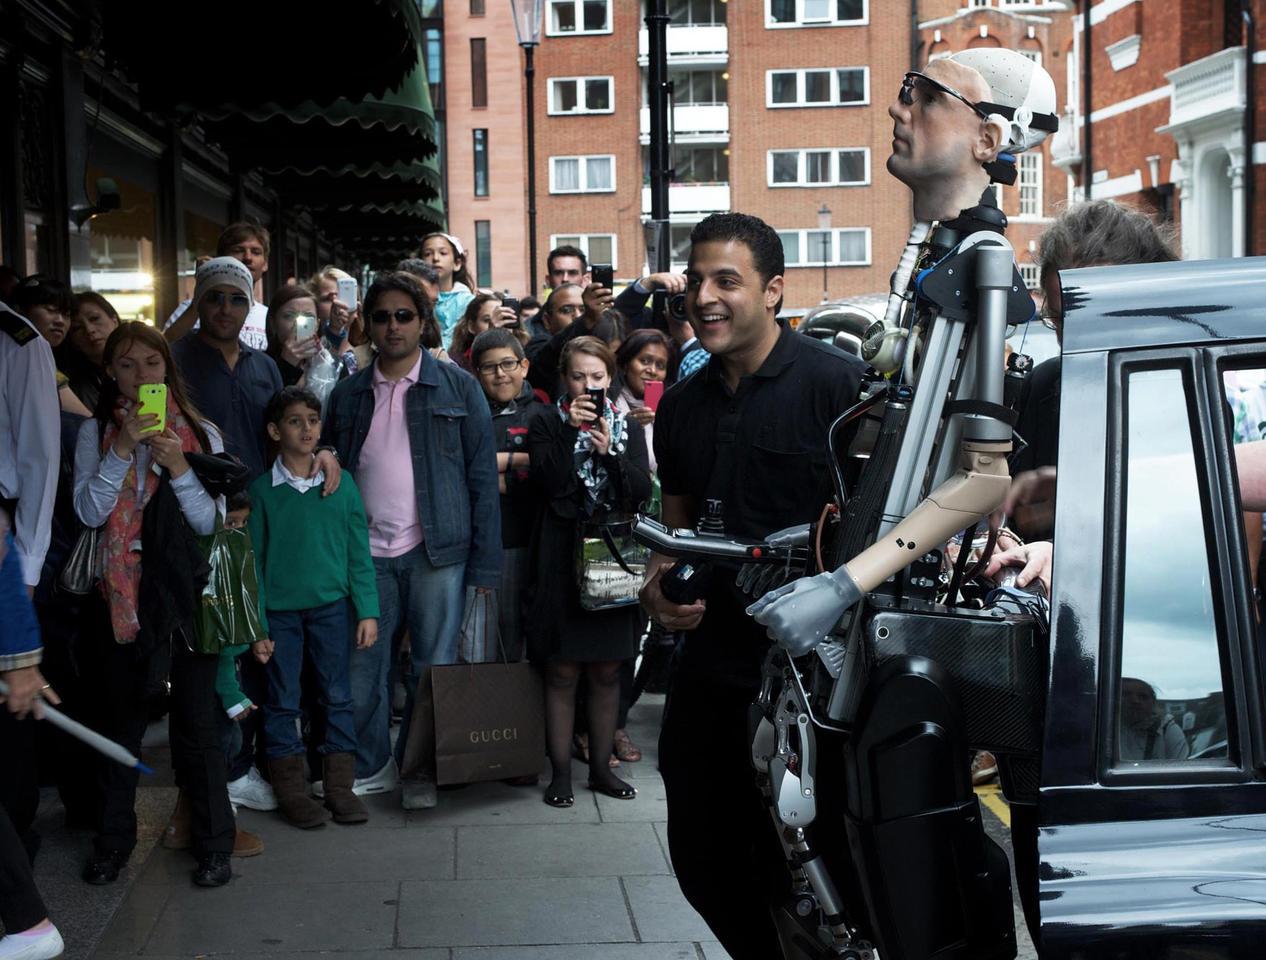 The bionic man meets the public (Photo: De Montfort University)